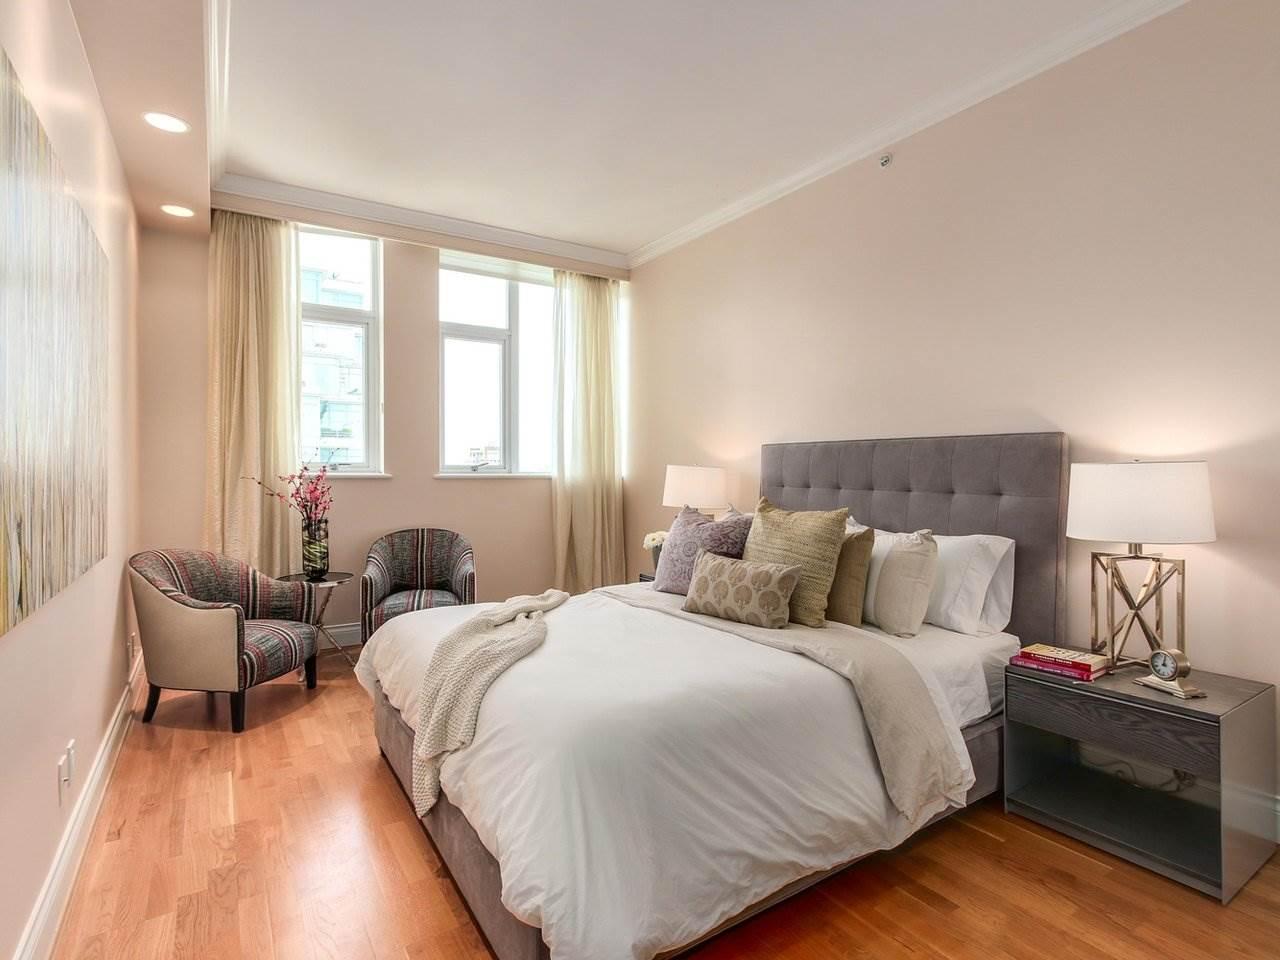 Condo Apartment at PH2 1777 BAYSHORE DRIVE, Unit PH2, Vancouver West, British Columbia. Image 16